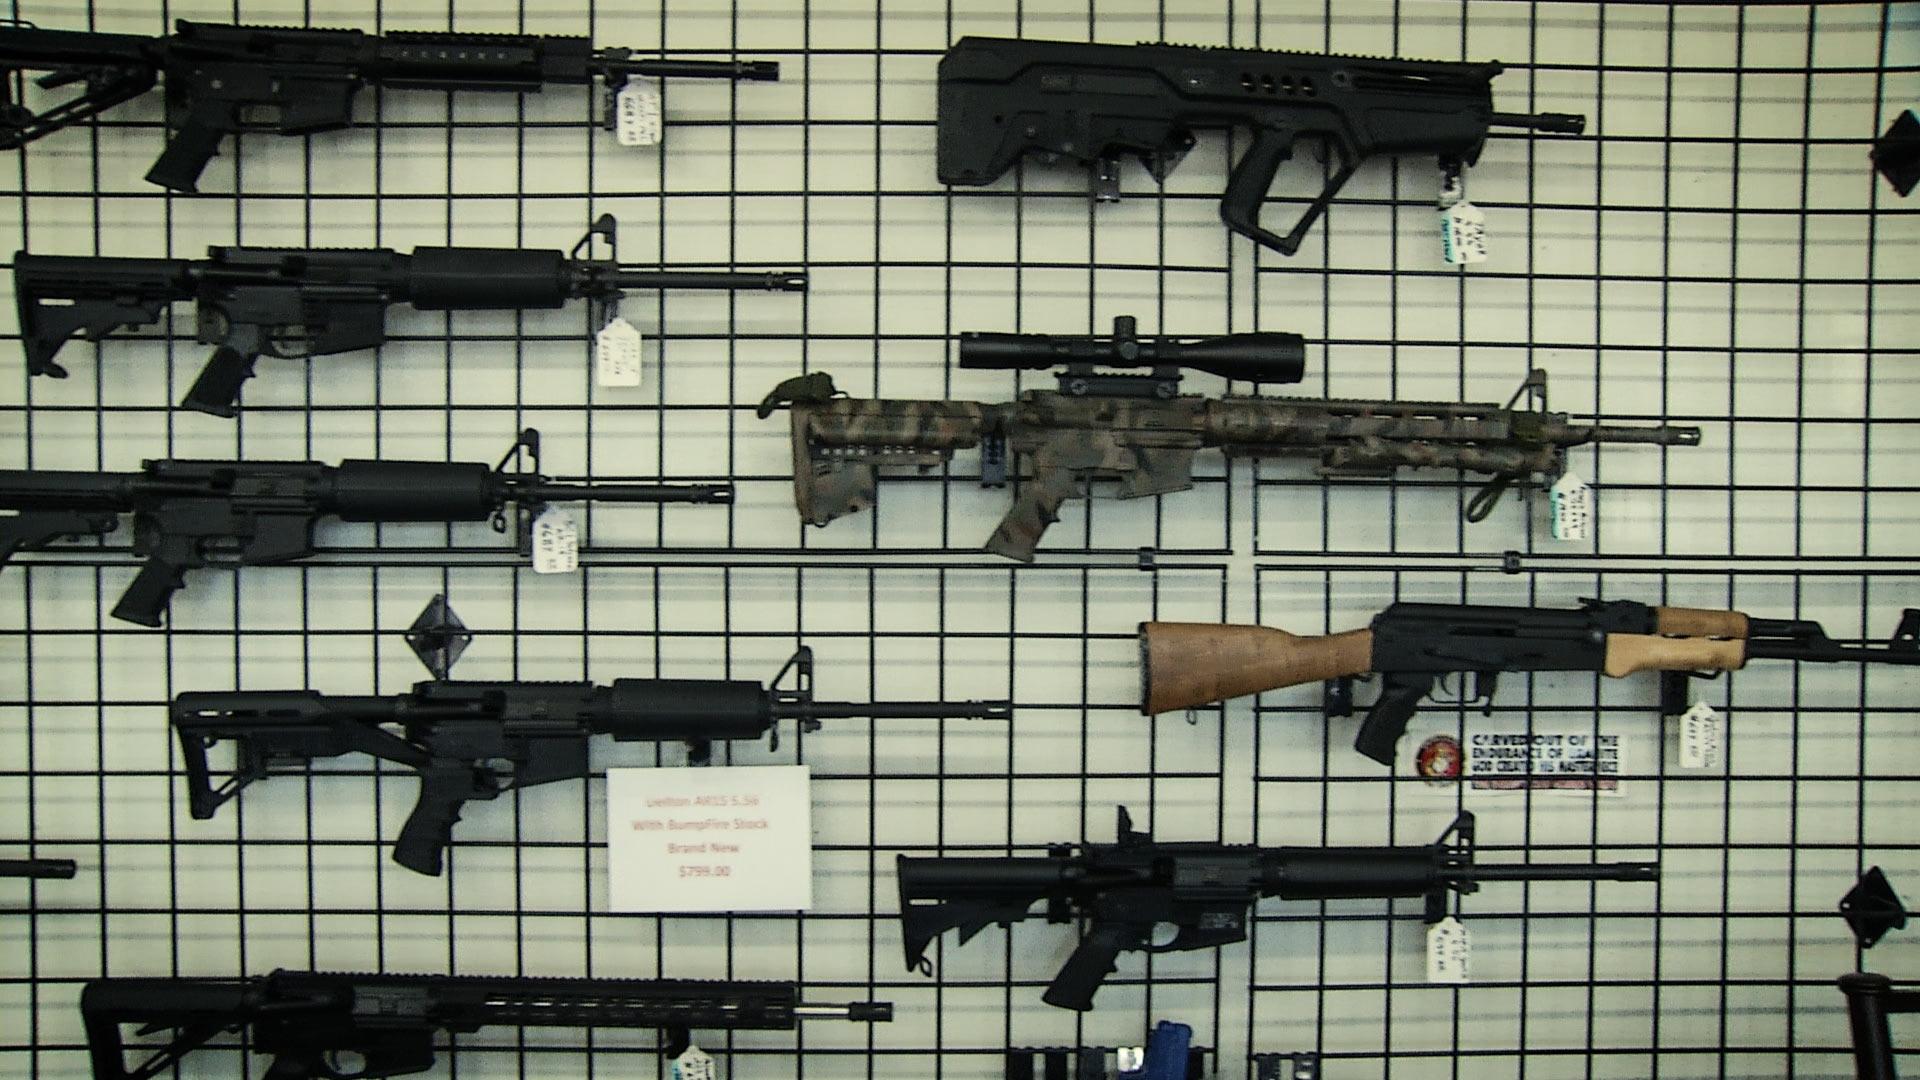 gun 2nd amendment resolution